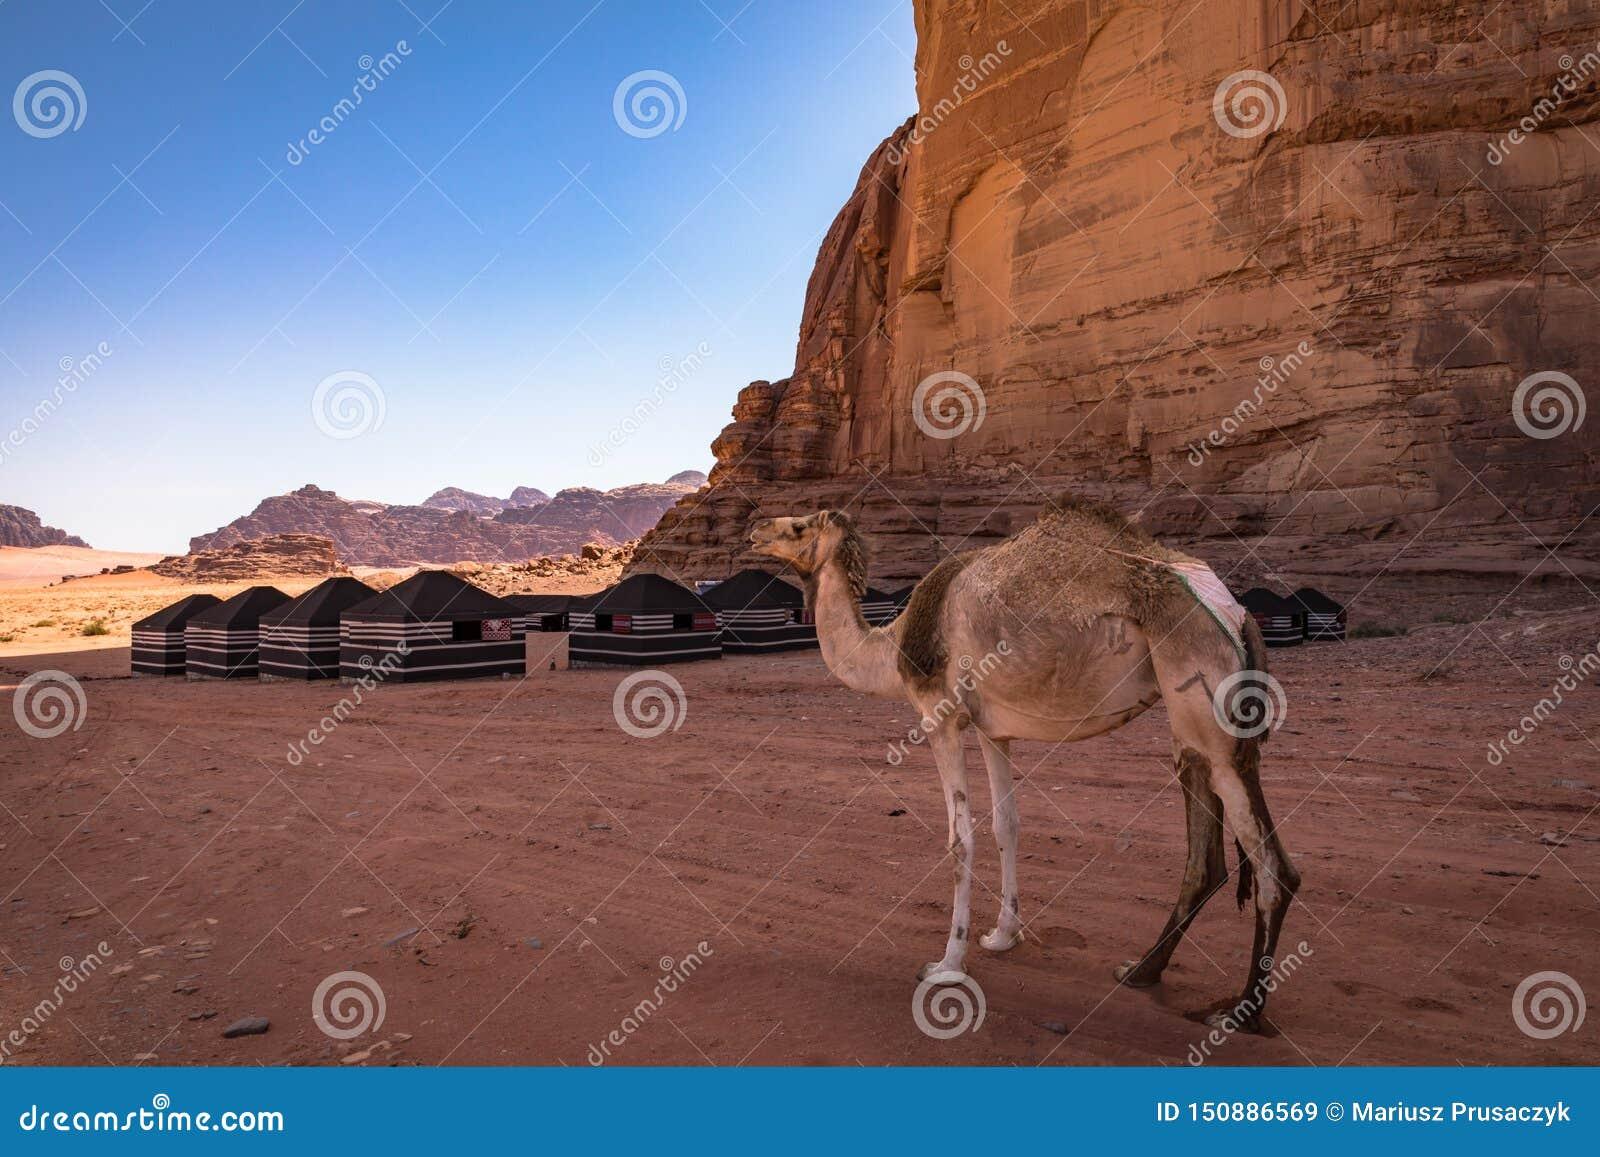 红色沙子沙漠和骆驼晴朗的夏日在瓦地伦,约旦 中东联合国科教文组织世界遗产名录选址和叫作